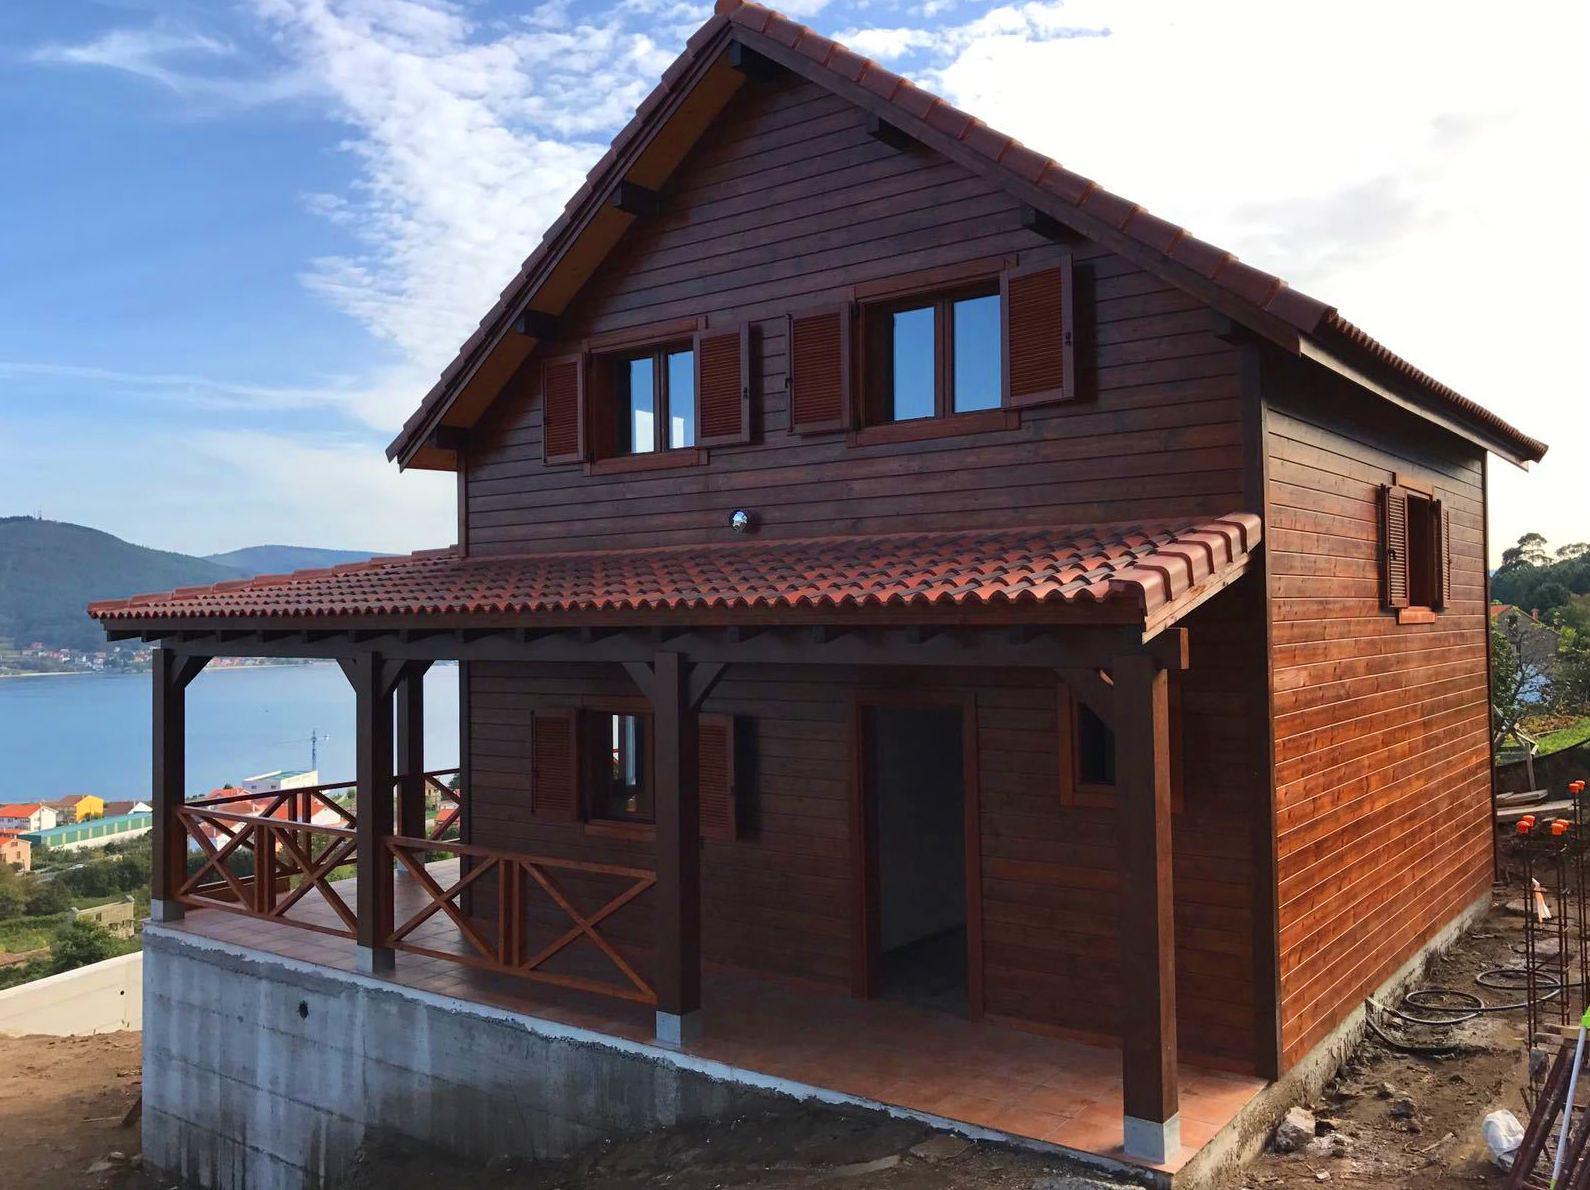 Casa de madera construcción terminada